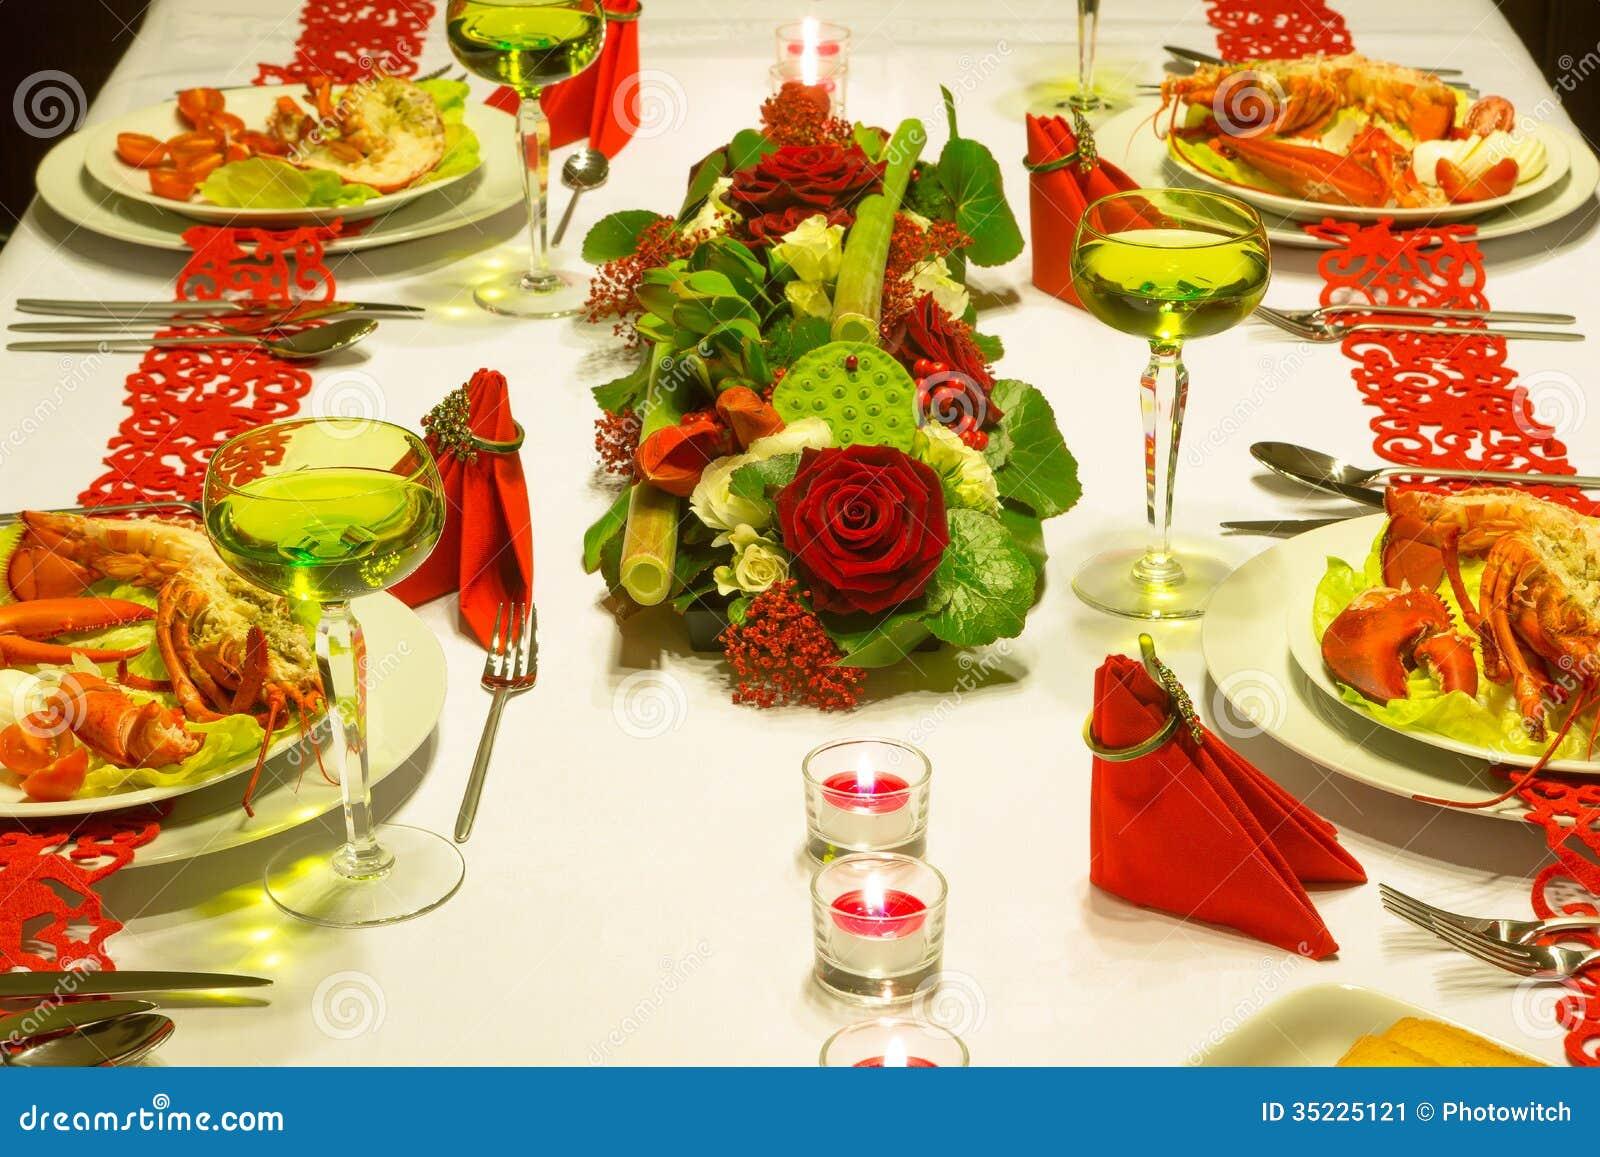 Festive Lobster Dinner Stock Image Image 35225121